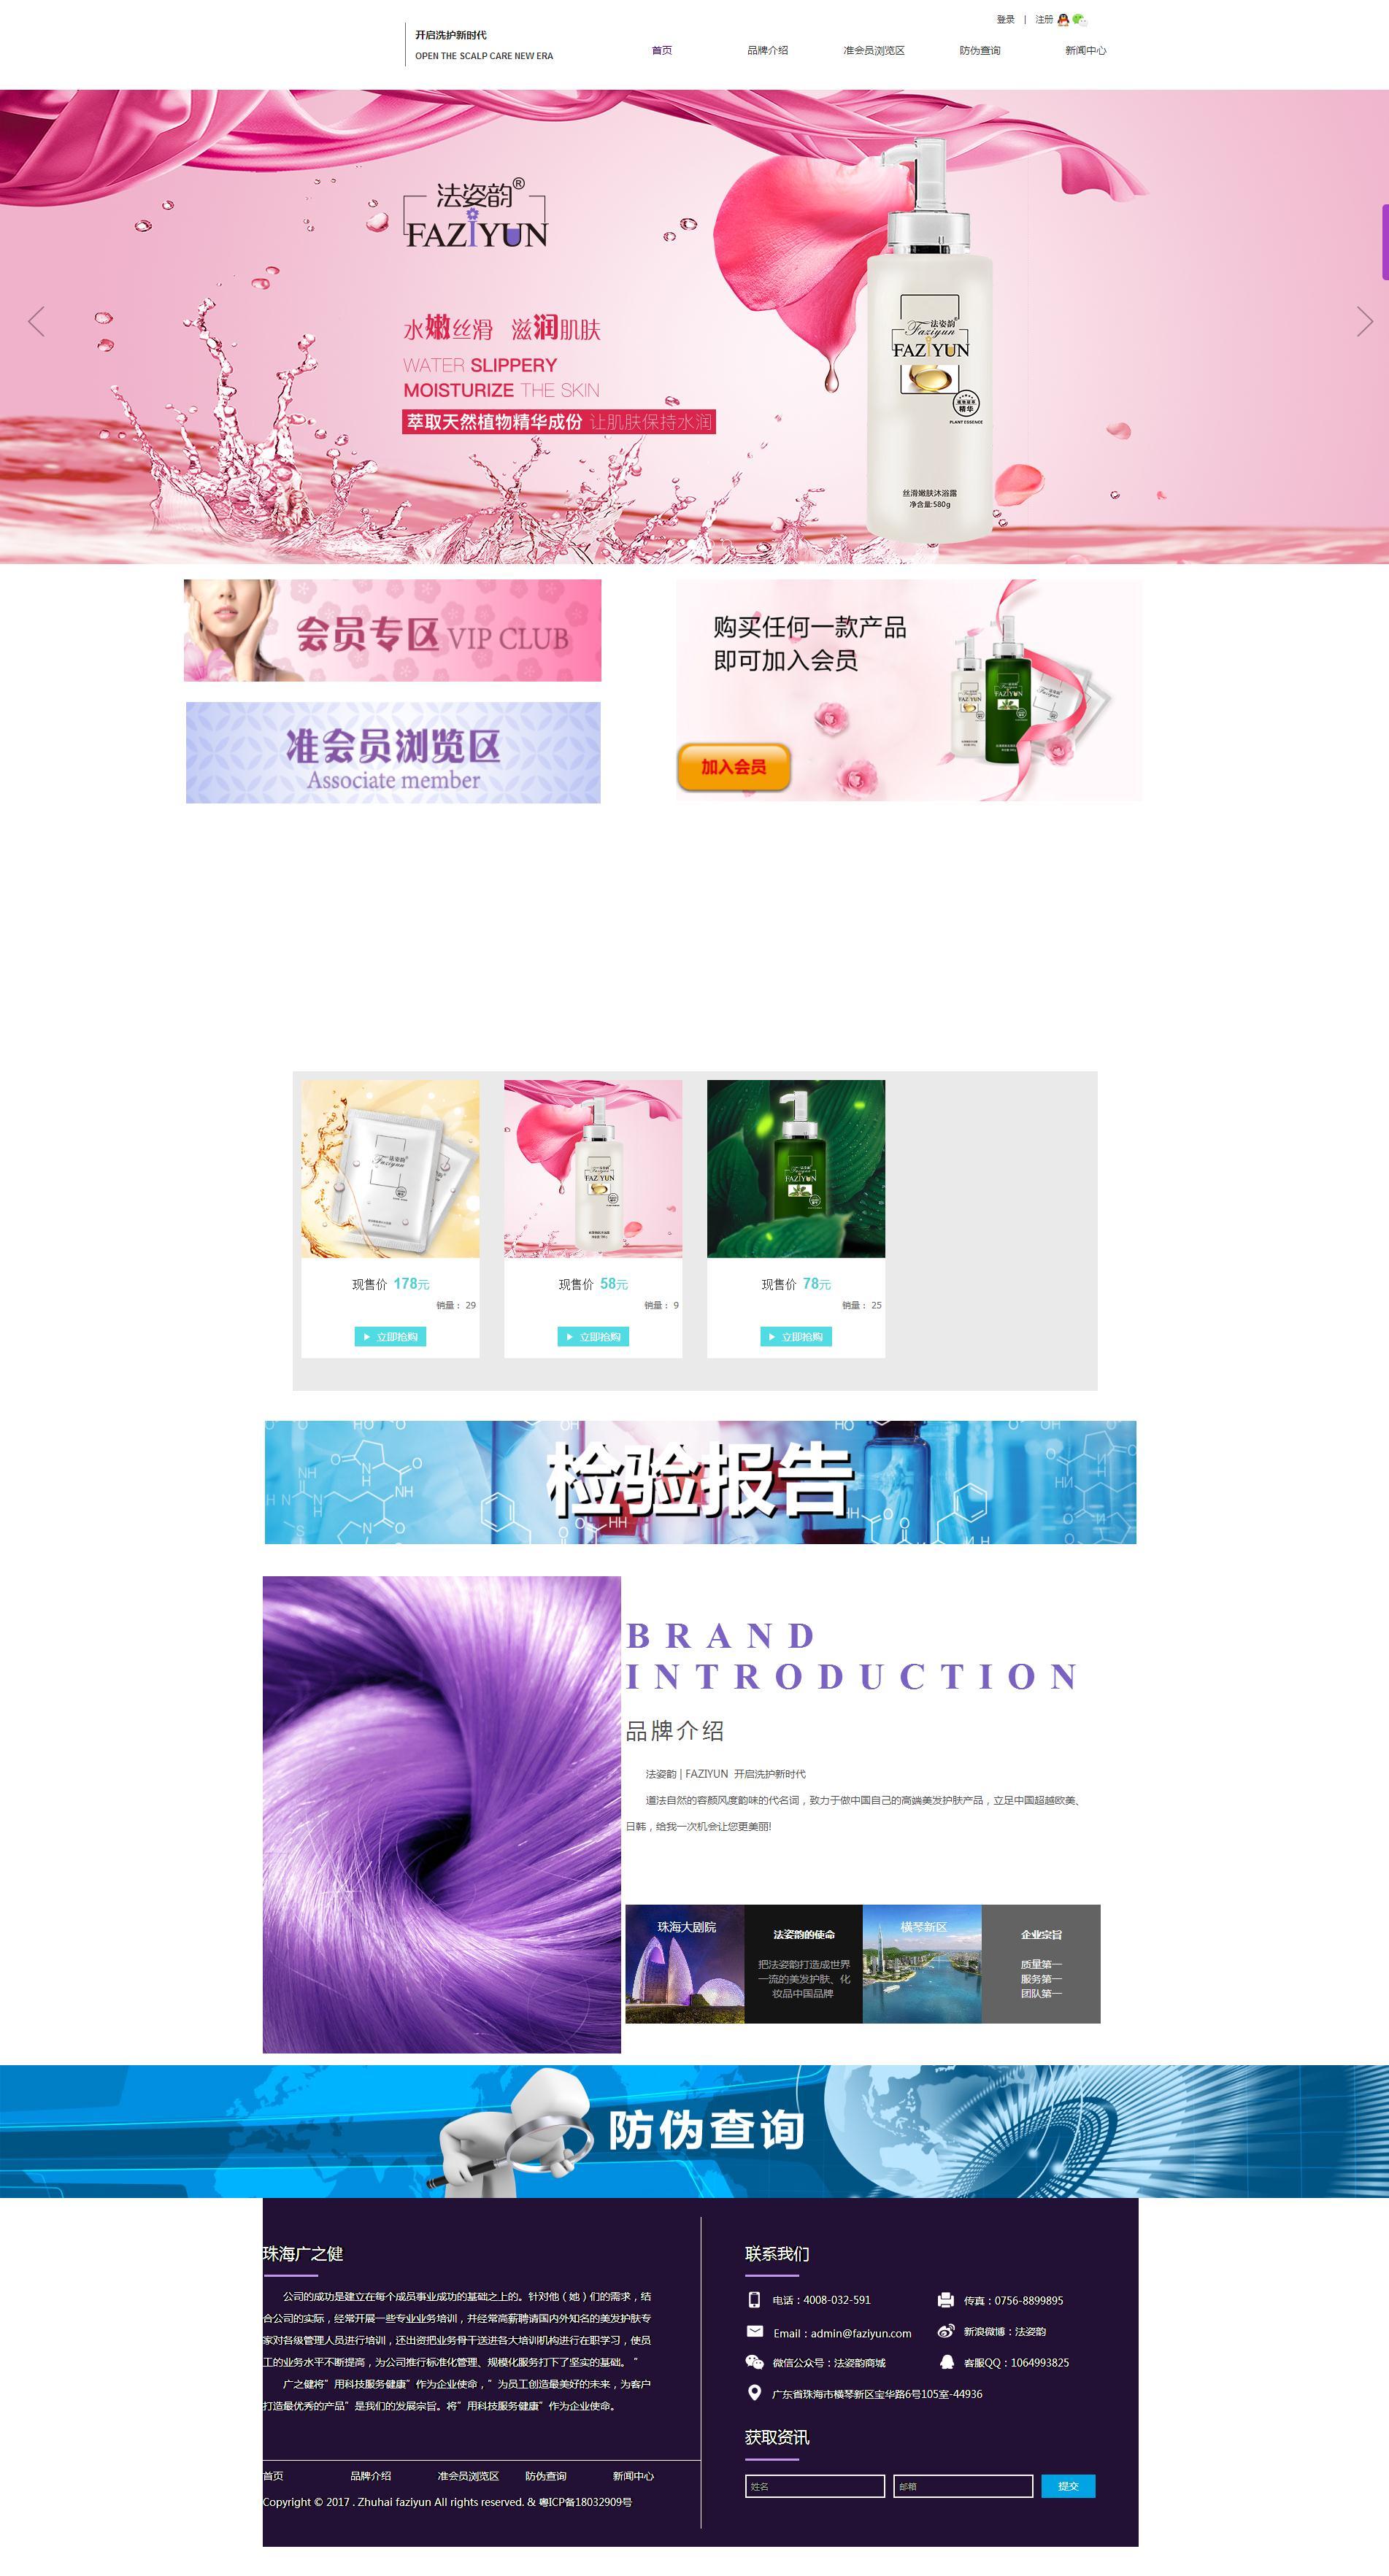 郑州ope官方ope官方ope官方网站下载下载下载建设案例